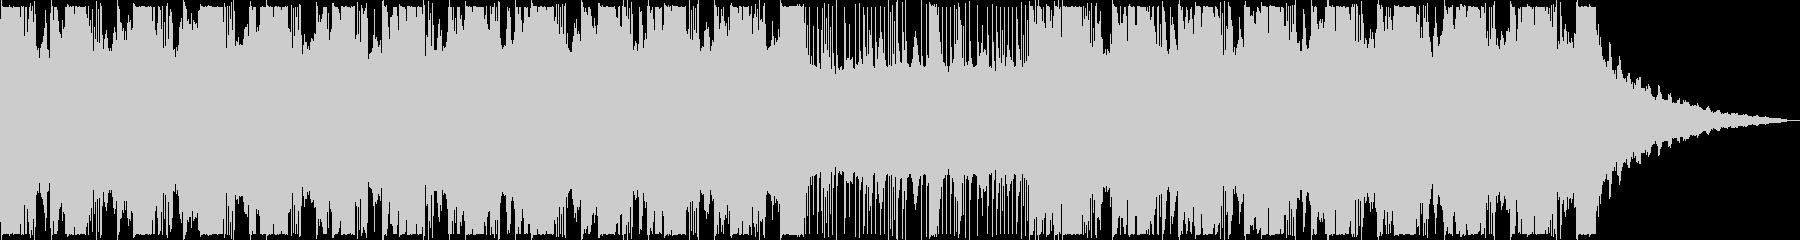 迫力のあるサスペンス風BGMの未再生の波形